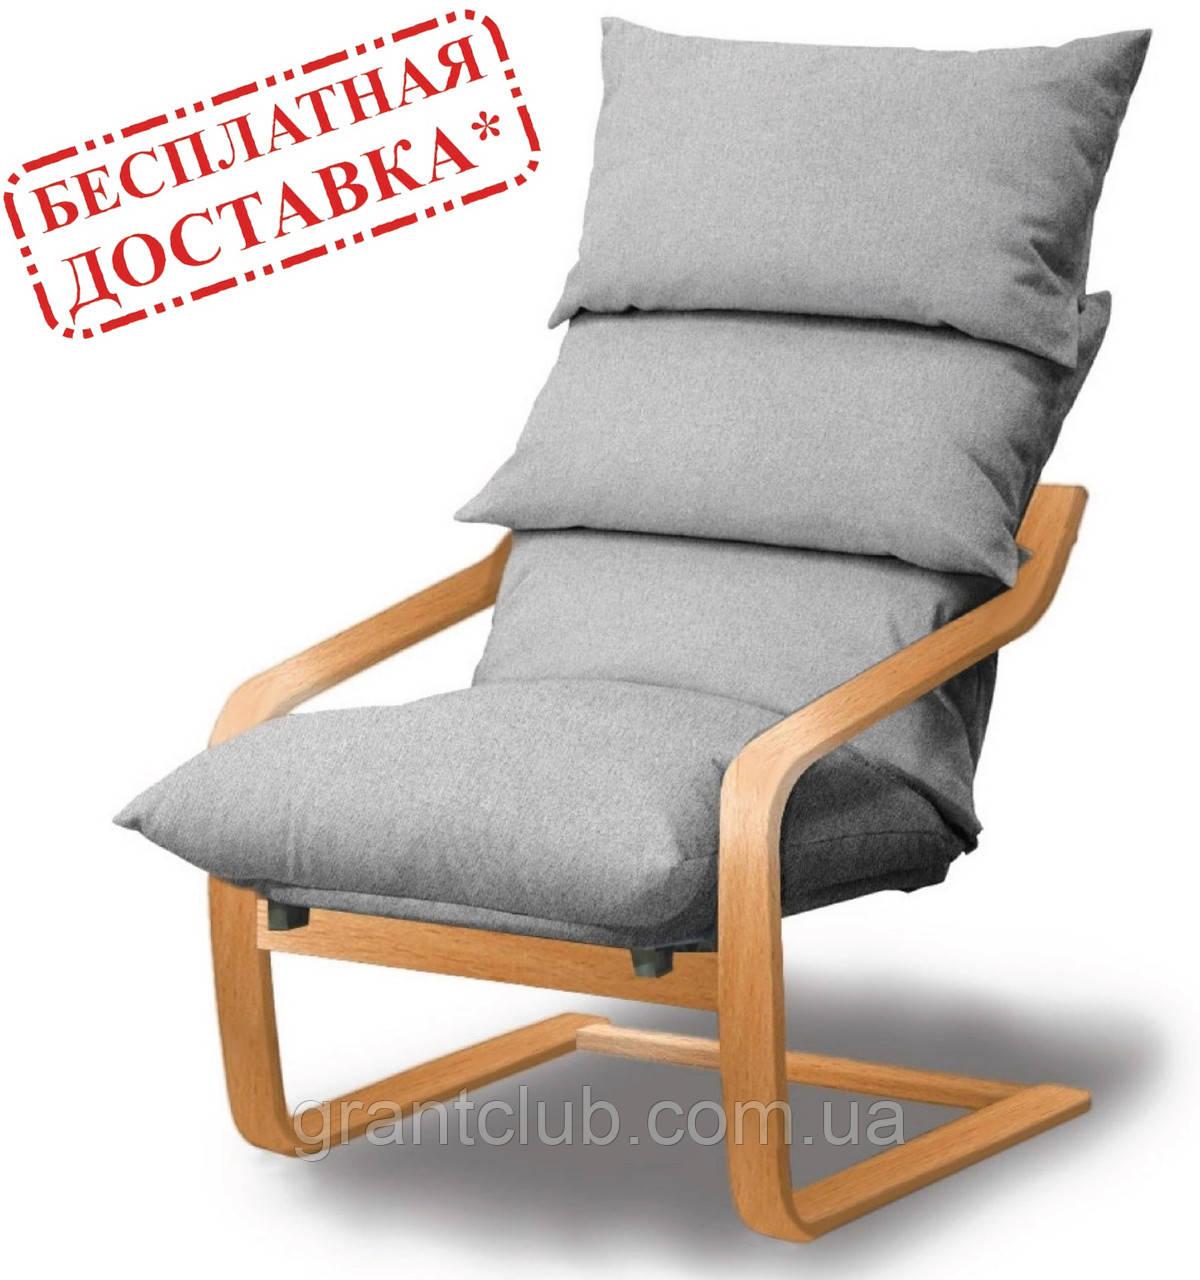 """Крісло-гойдалка для відпочинку та заколисування дитини SuperComfort """"Стандарт"""" сіре (безкоштовна доставка)"""